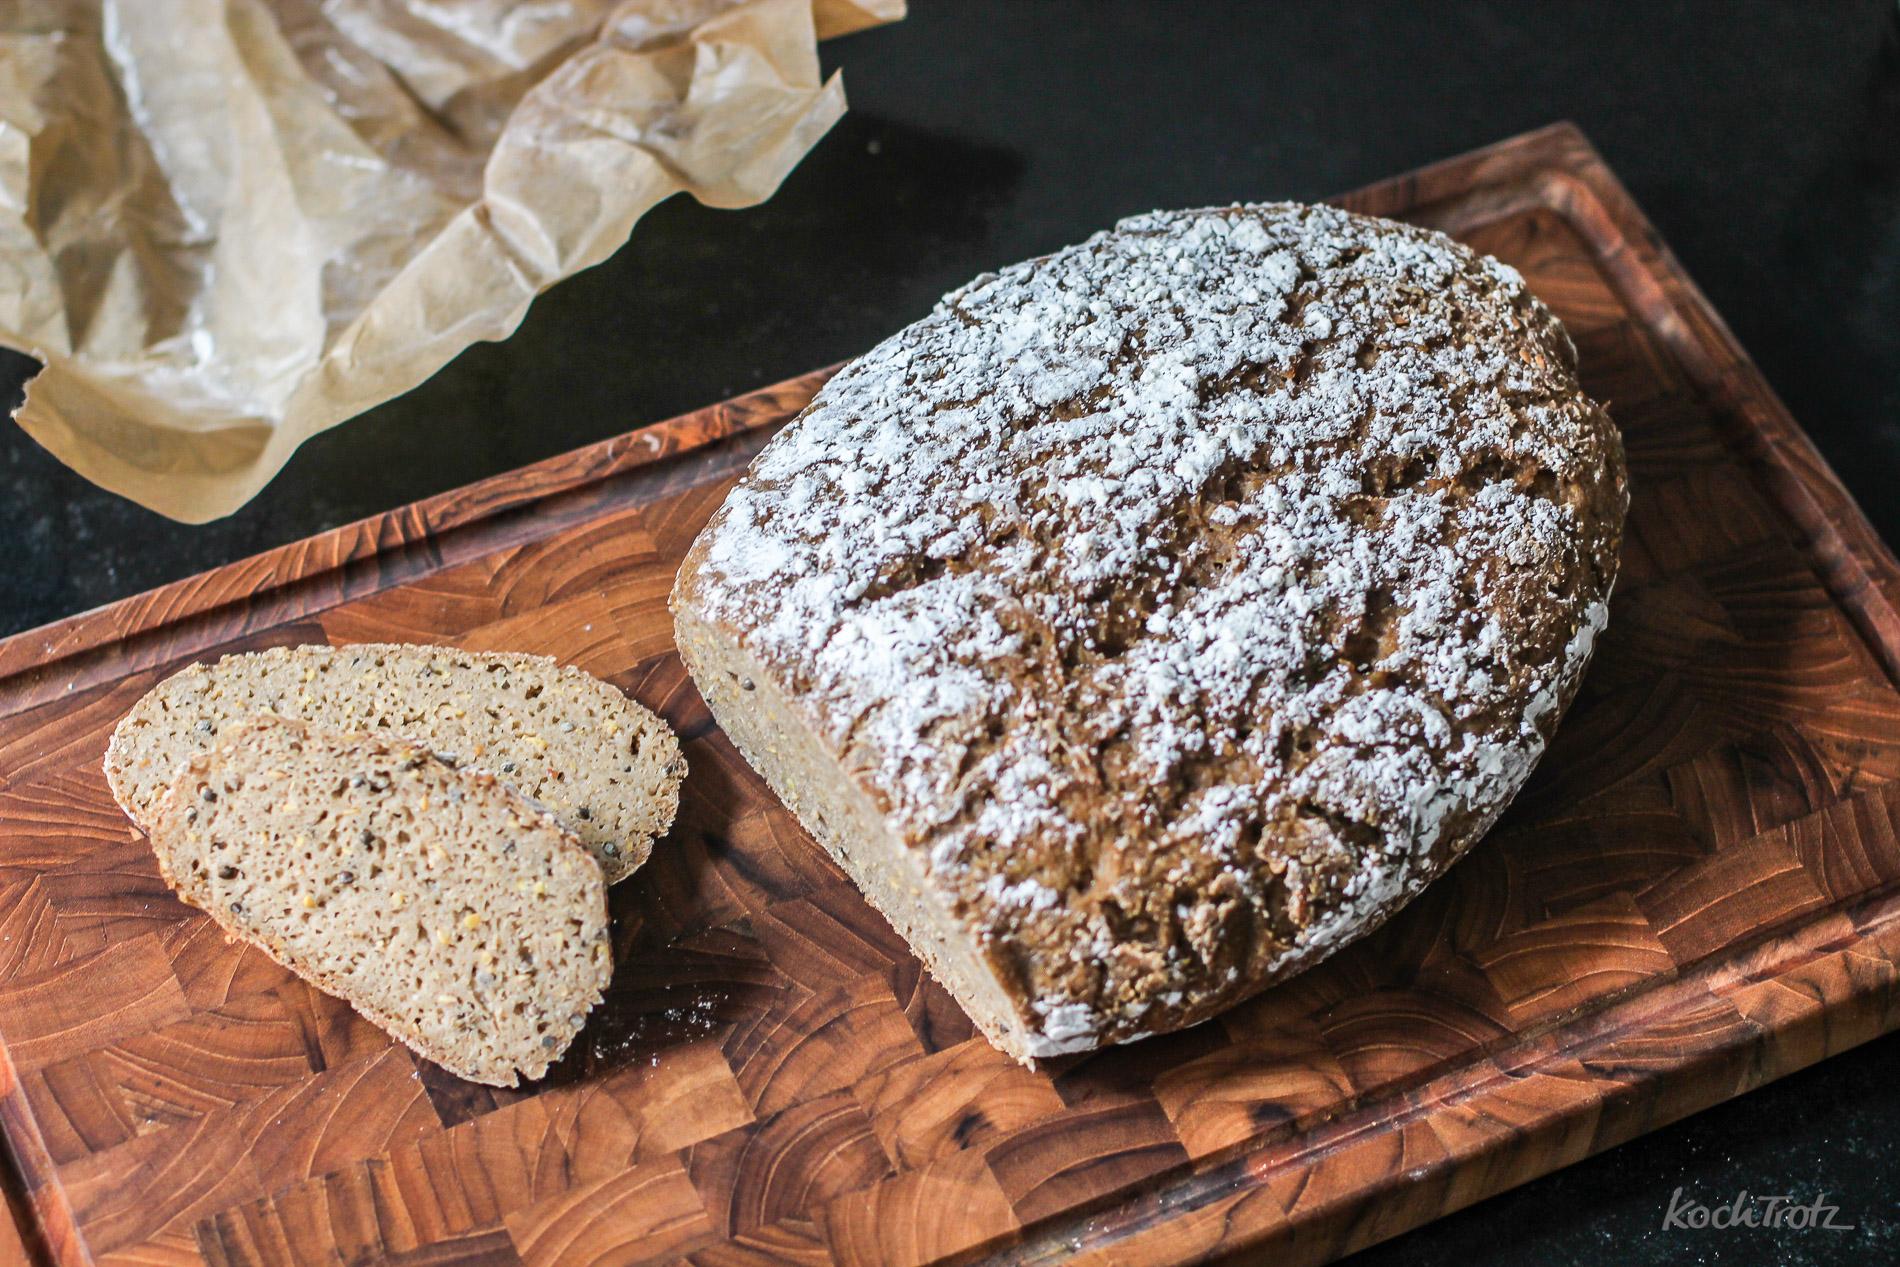 glutenfreies-brot-mit-lievito-madre-max